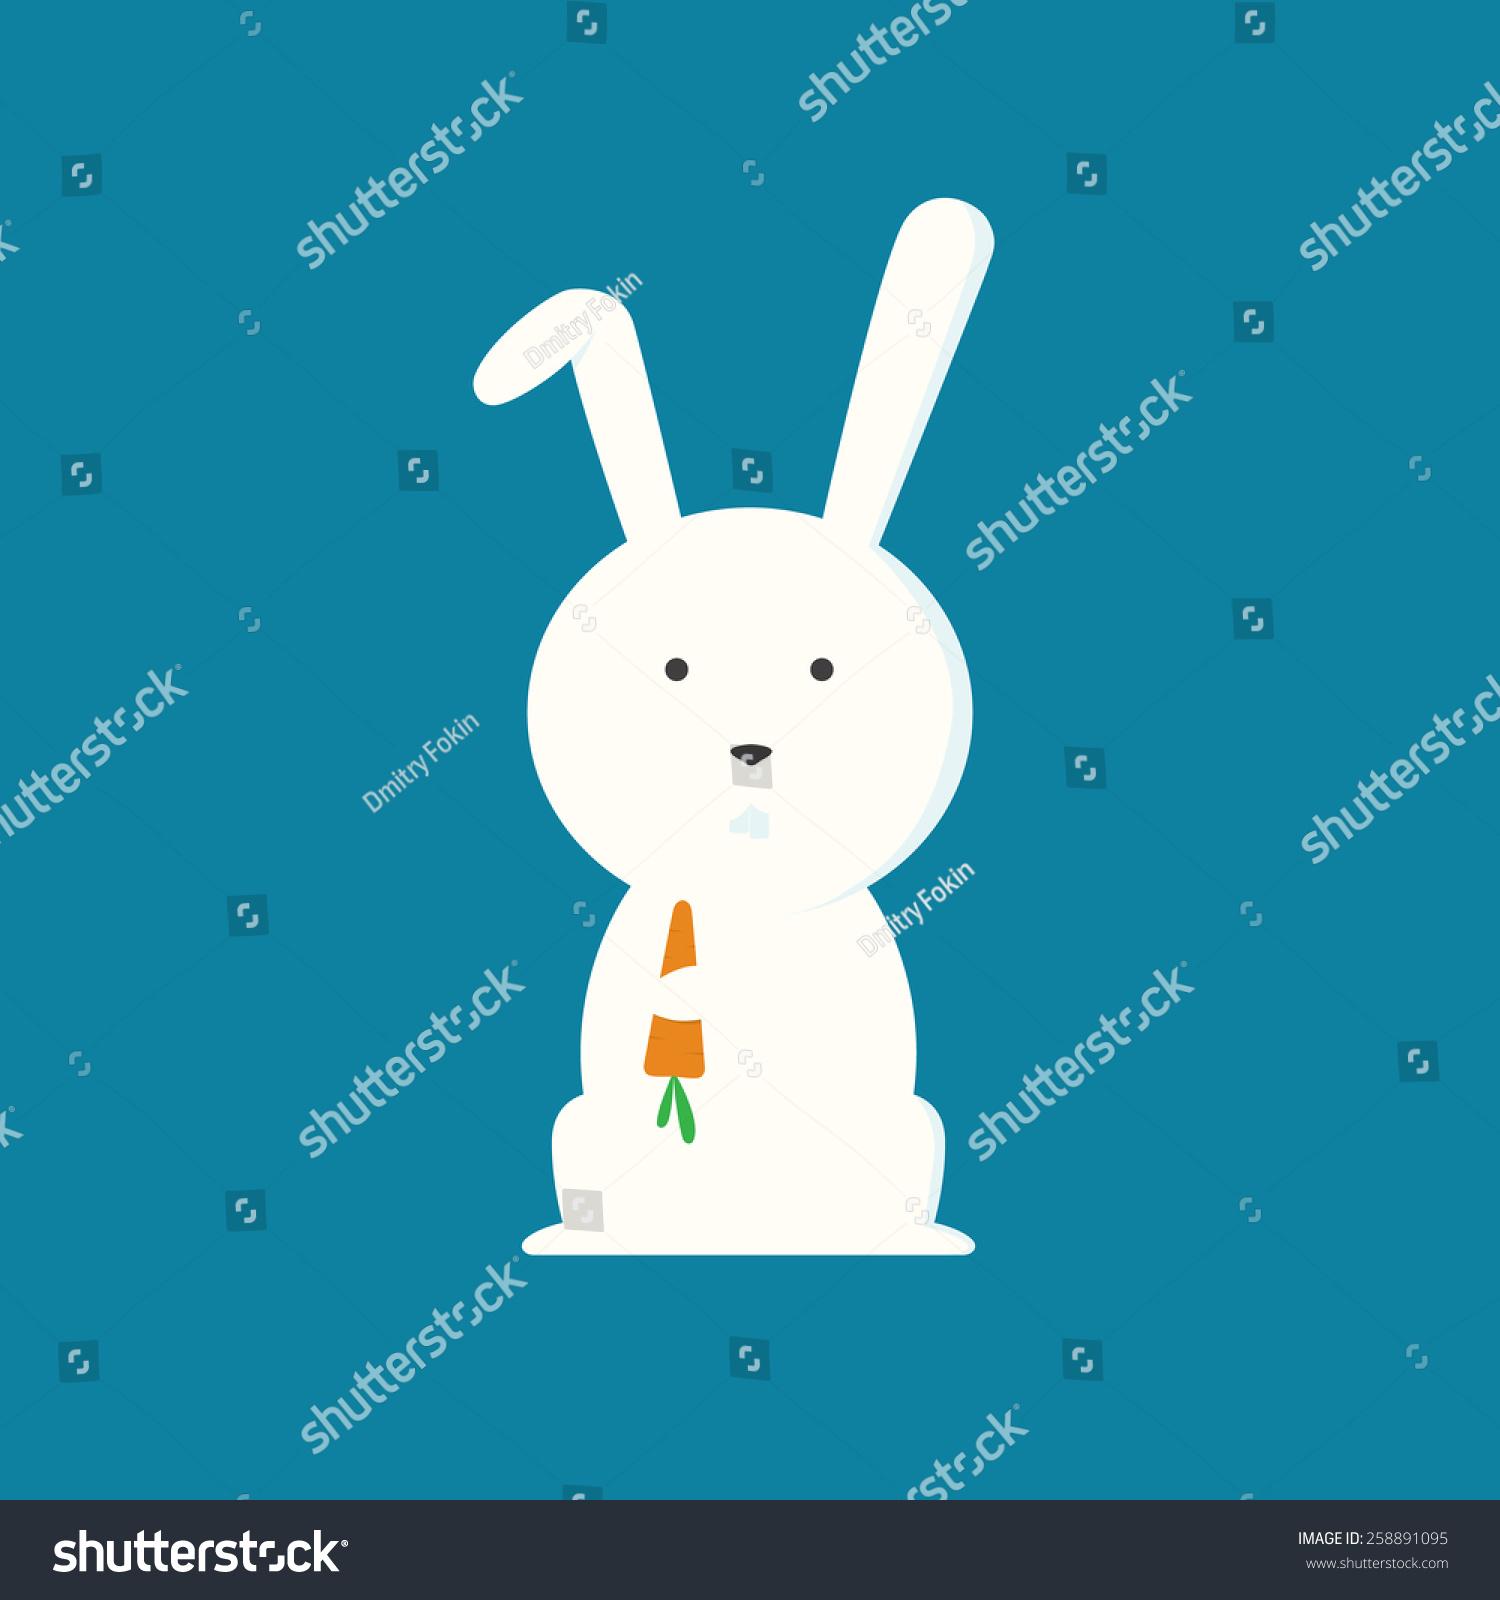 用胡萝卜,平板载体说明-动物/野生生物-海洛创意()